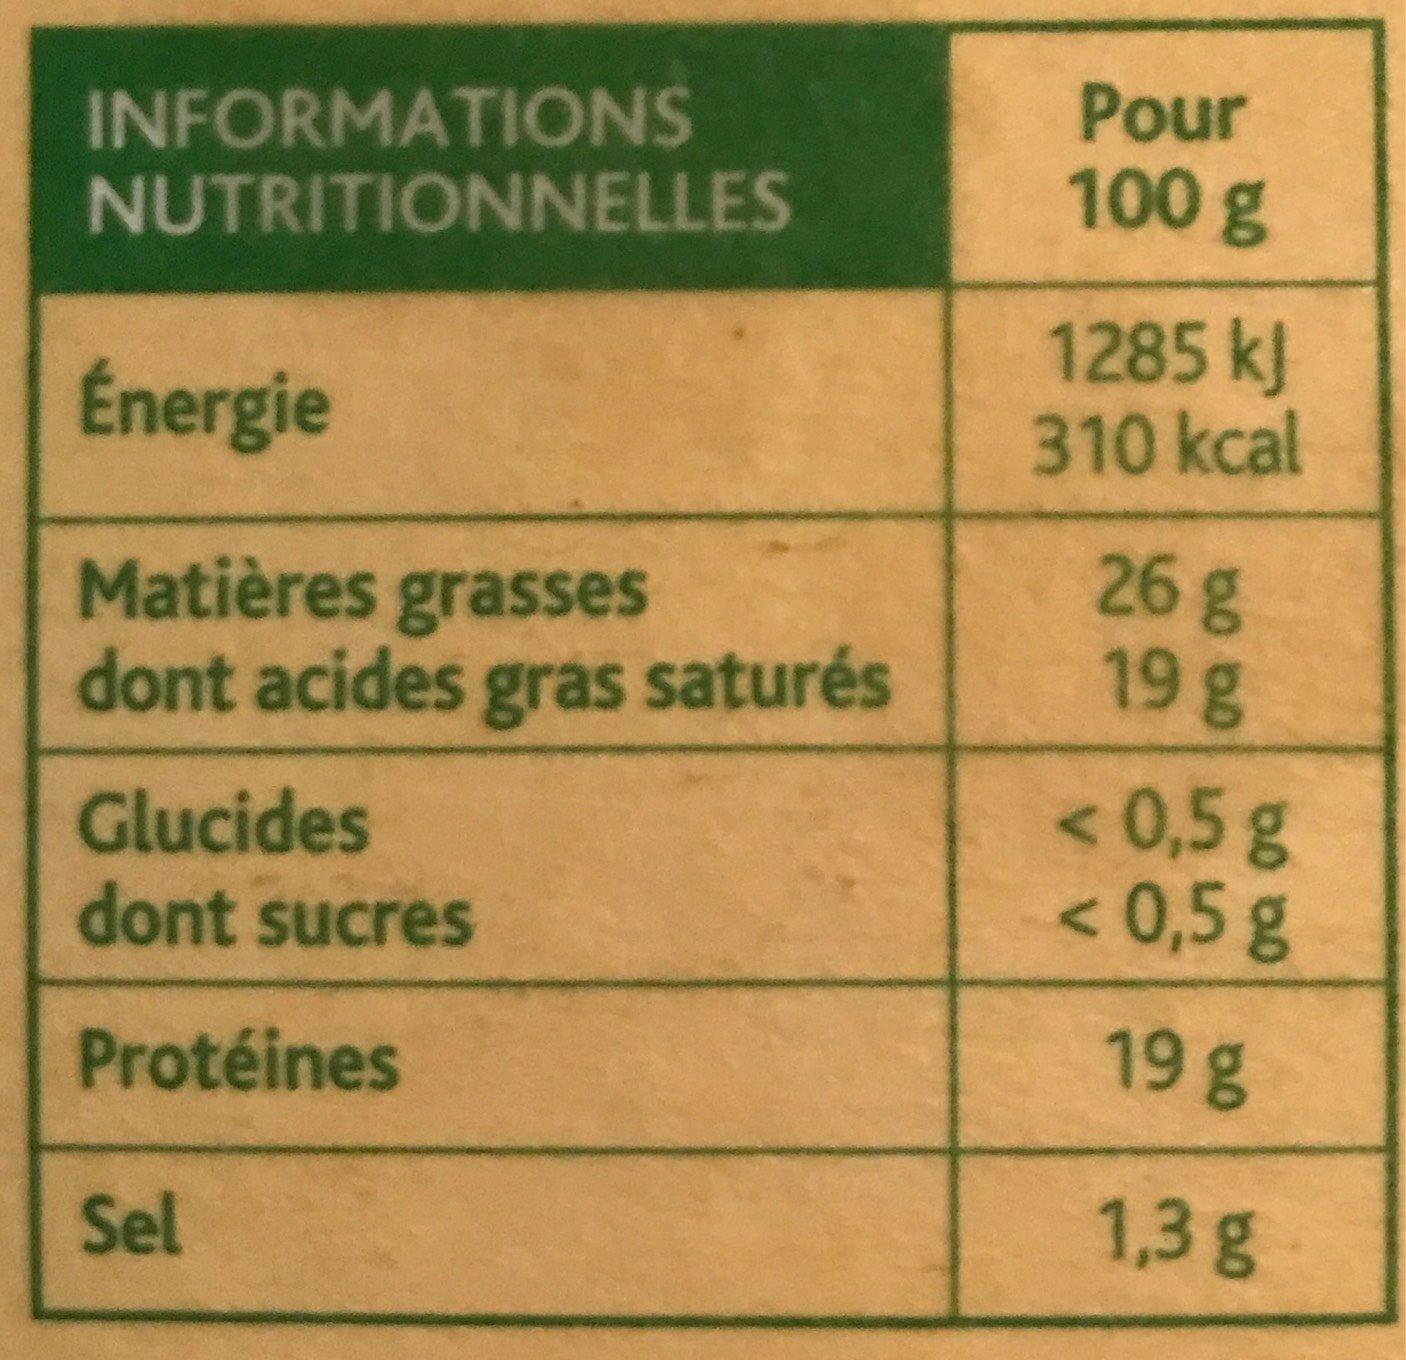 Camembert Bons Mayennais (26% MG) - Informations nutritionnelles - fr